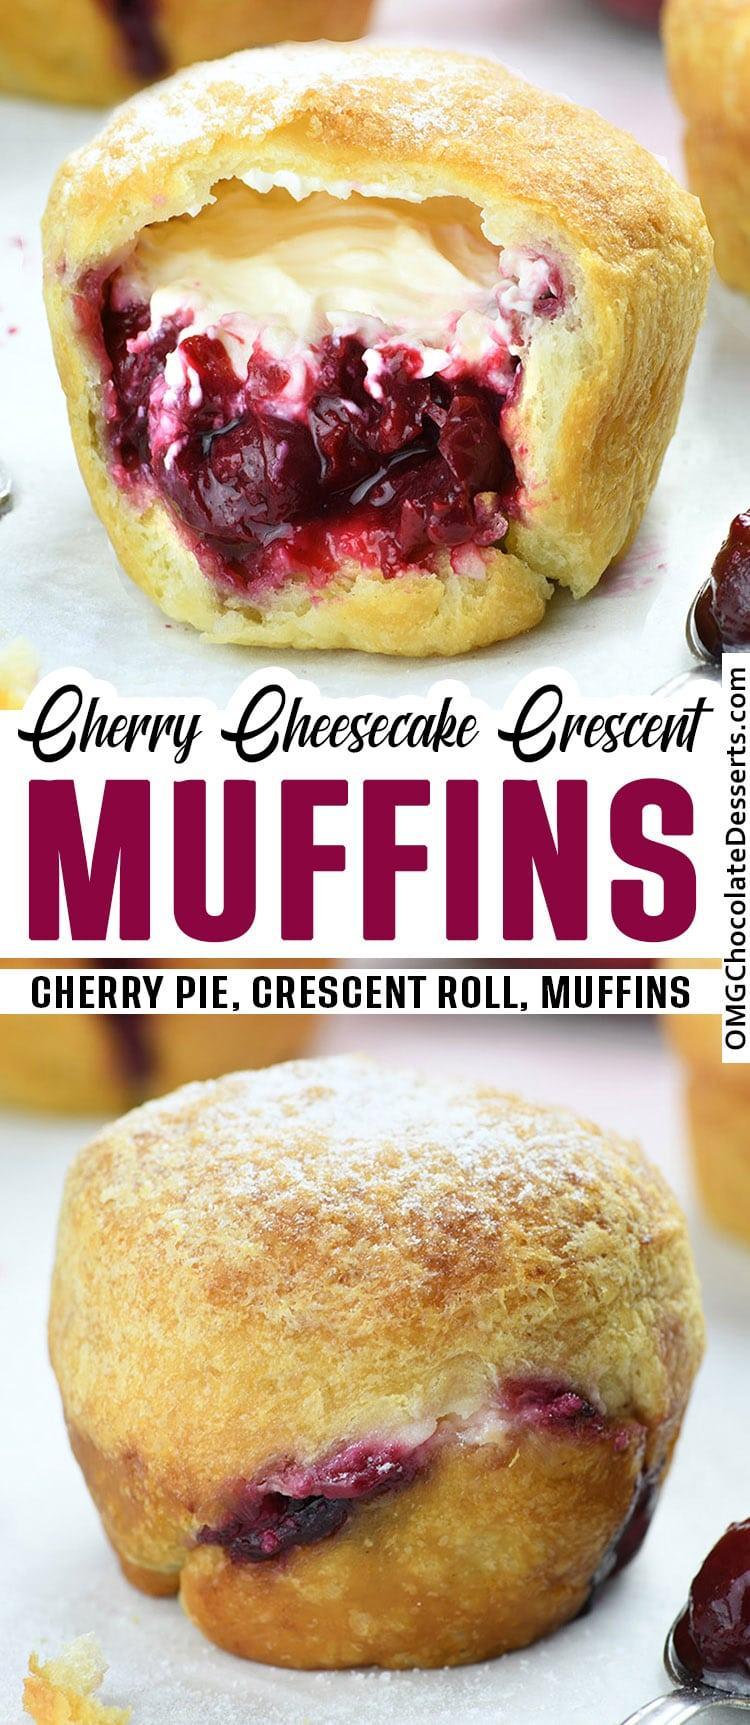 Cherry Cheesecake Crescent Muffins